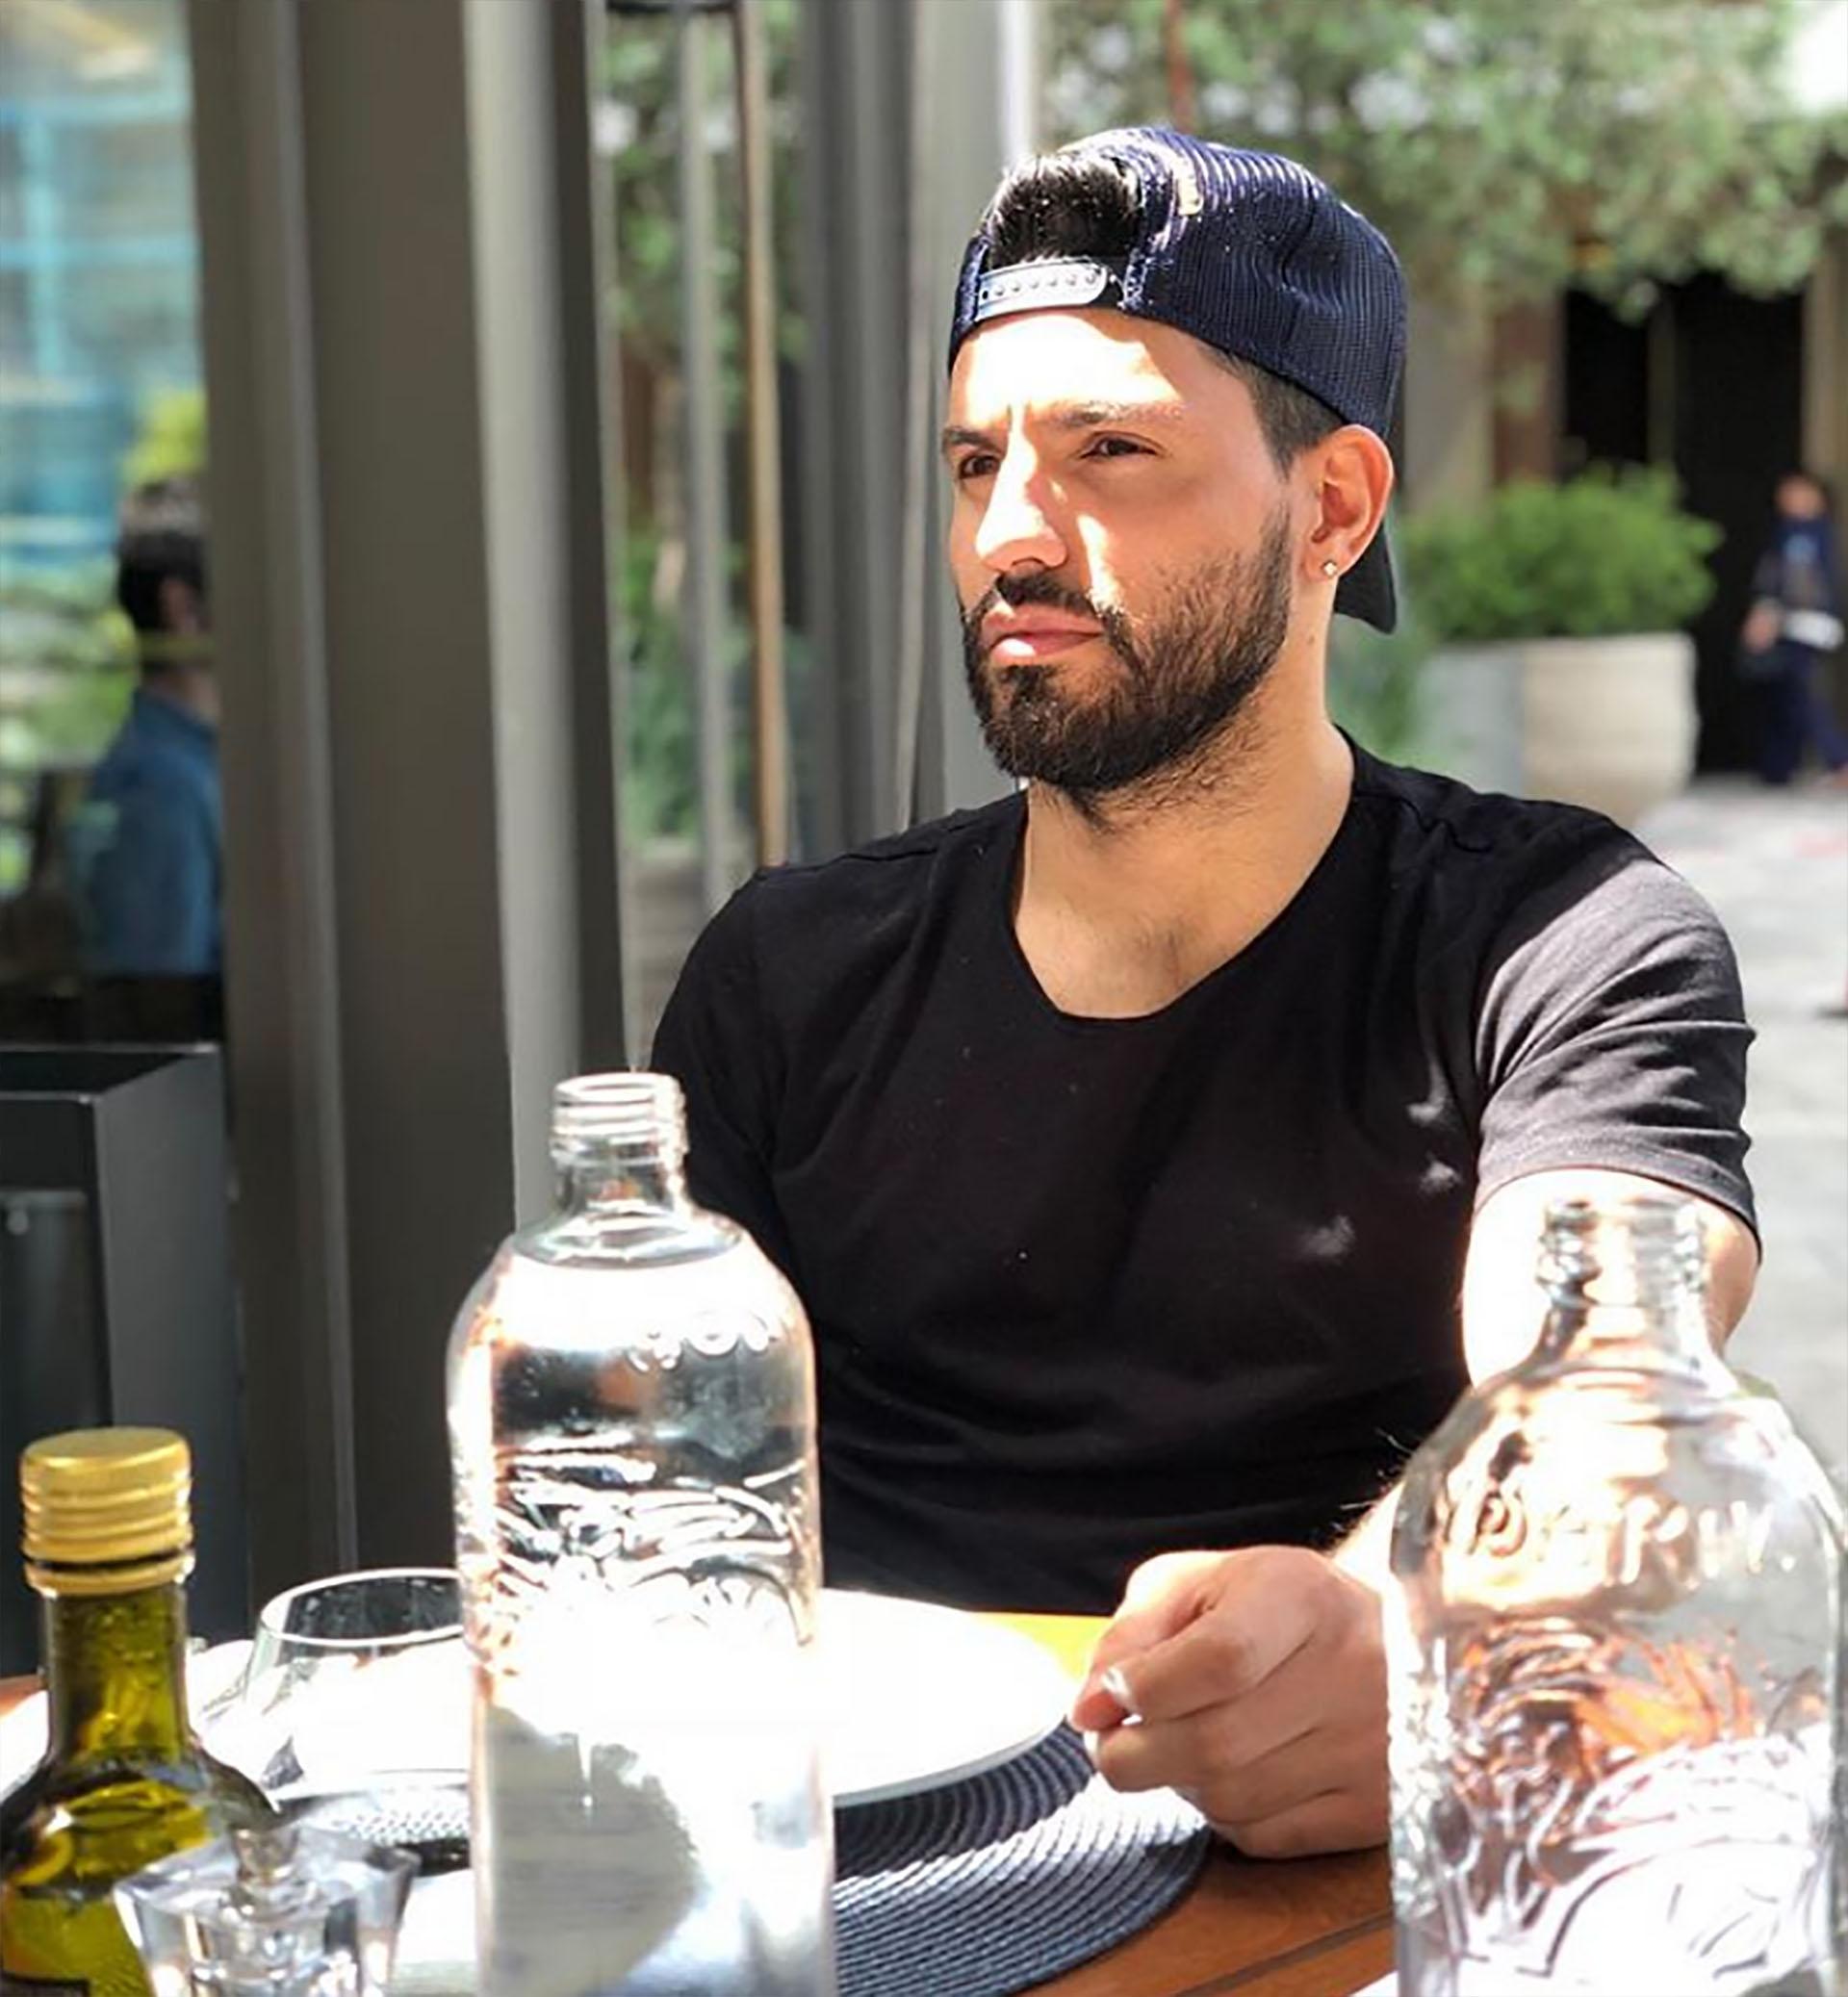 Sergio Agüero, Argentina, 30 años, soltero (Instagram)